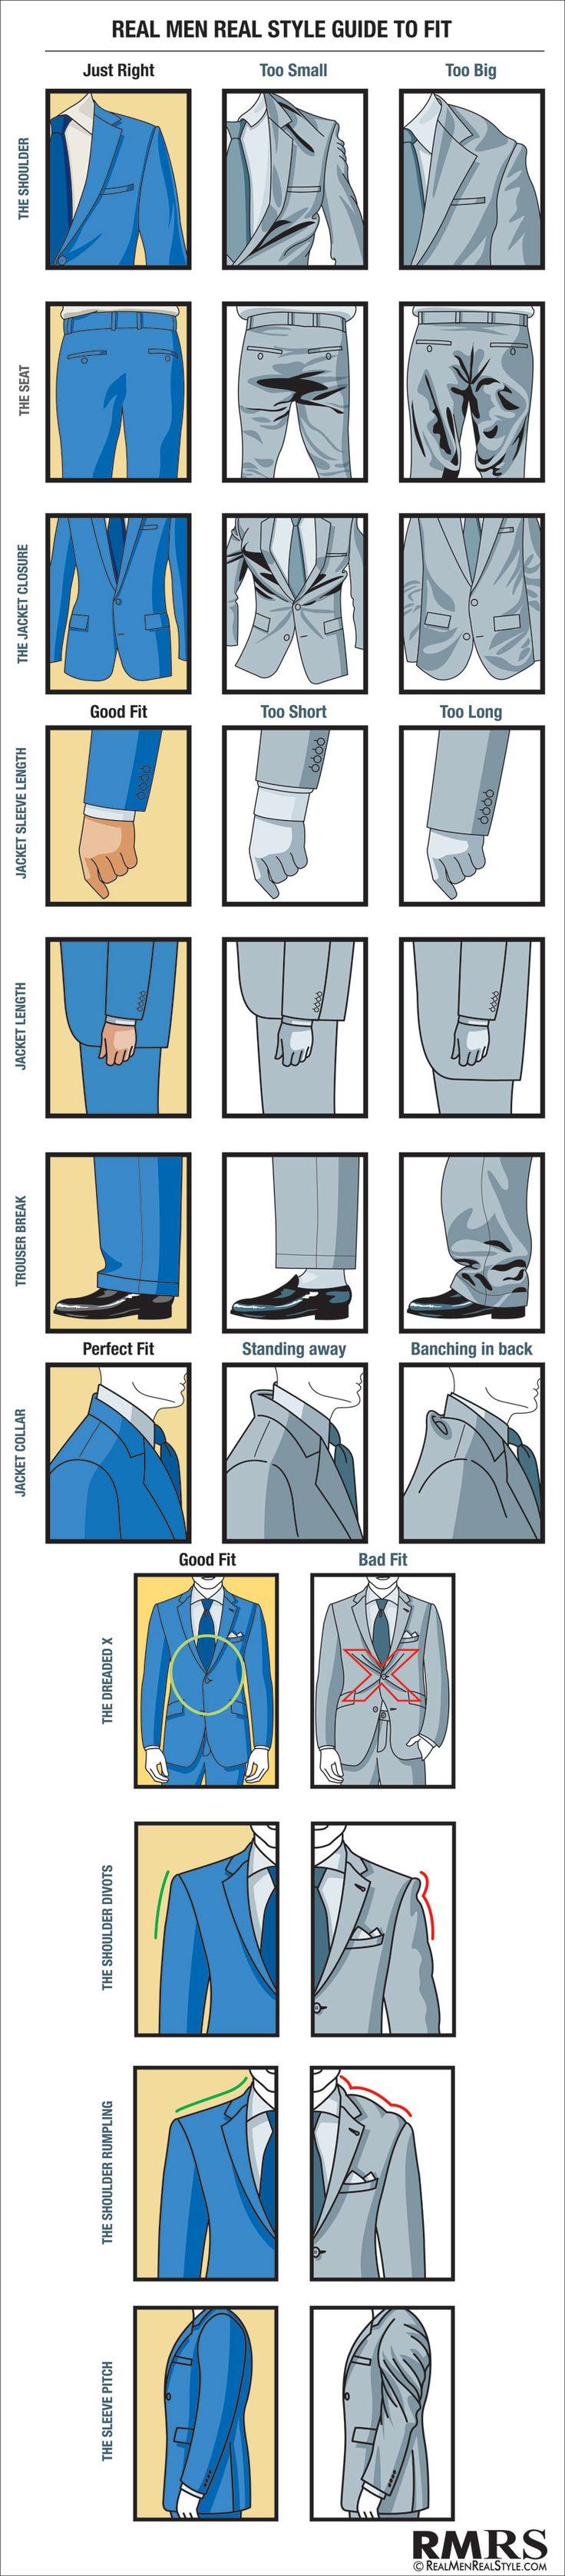 Suits.